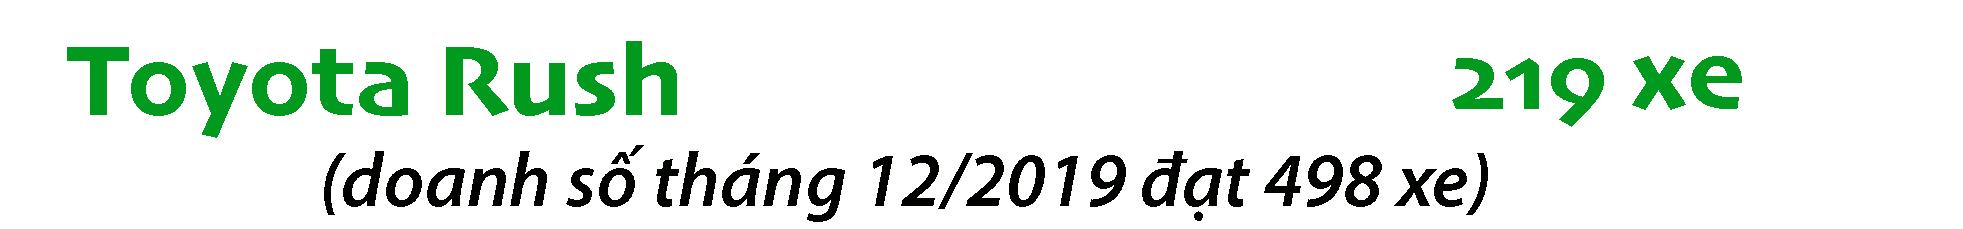 Phân khúc MPV tháng 1/2020: Toyota Innova bị Mitsubishi Xpander bỏ xa - 7